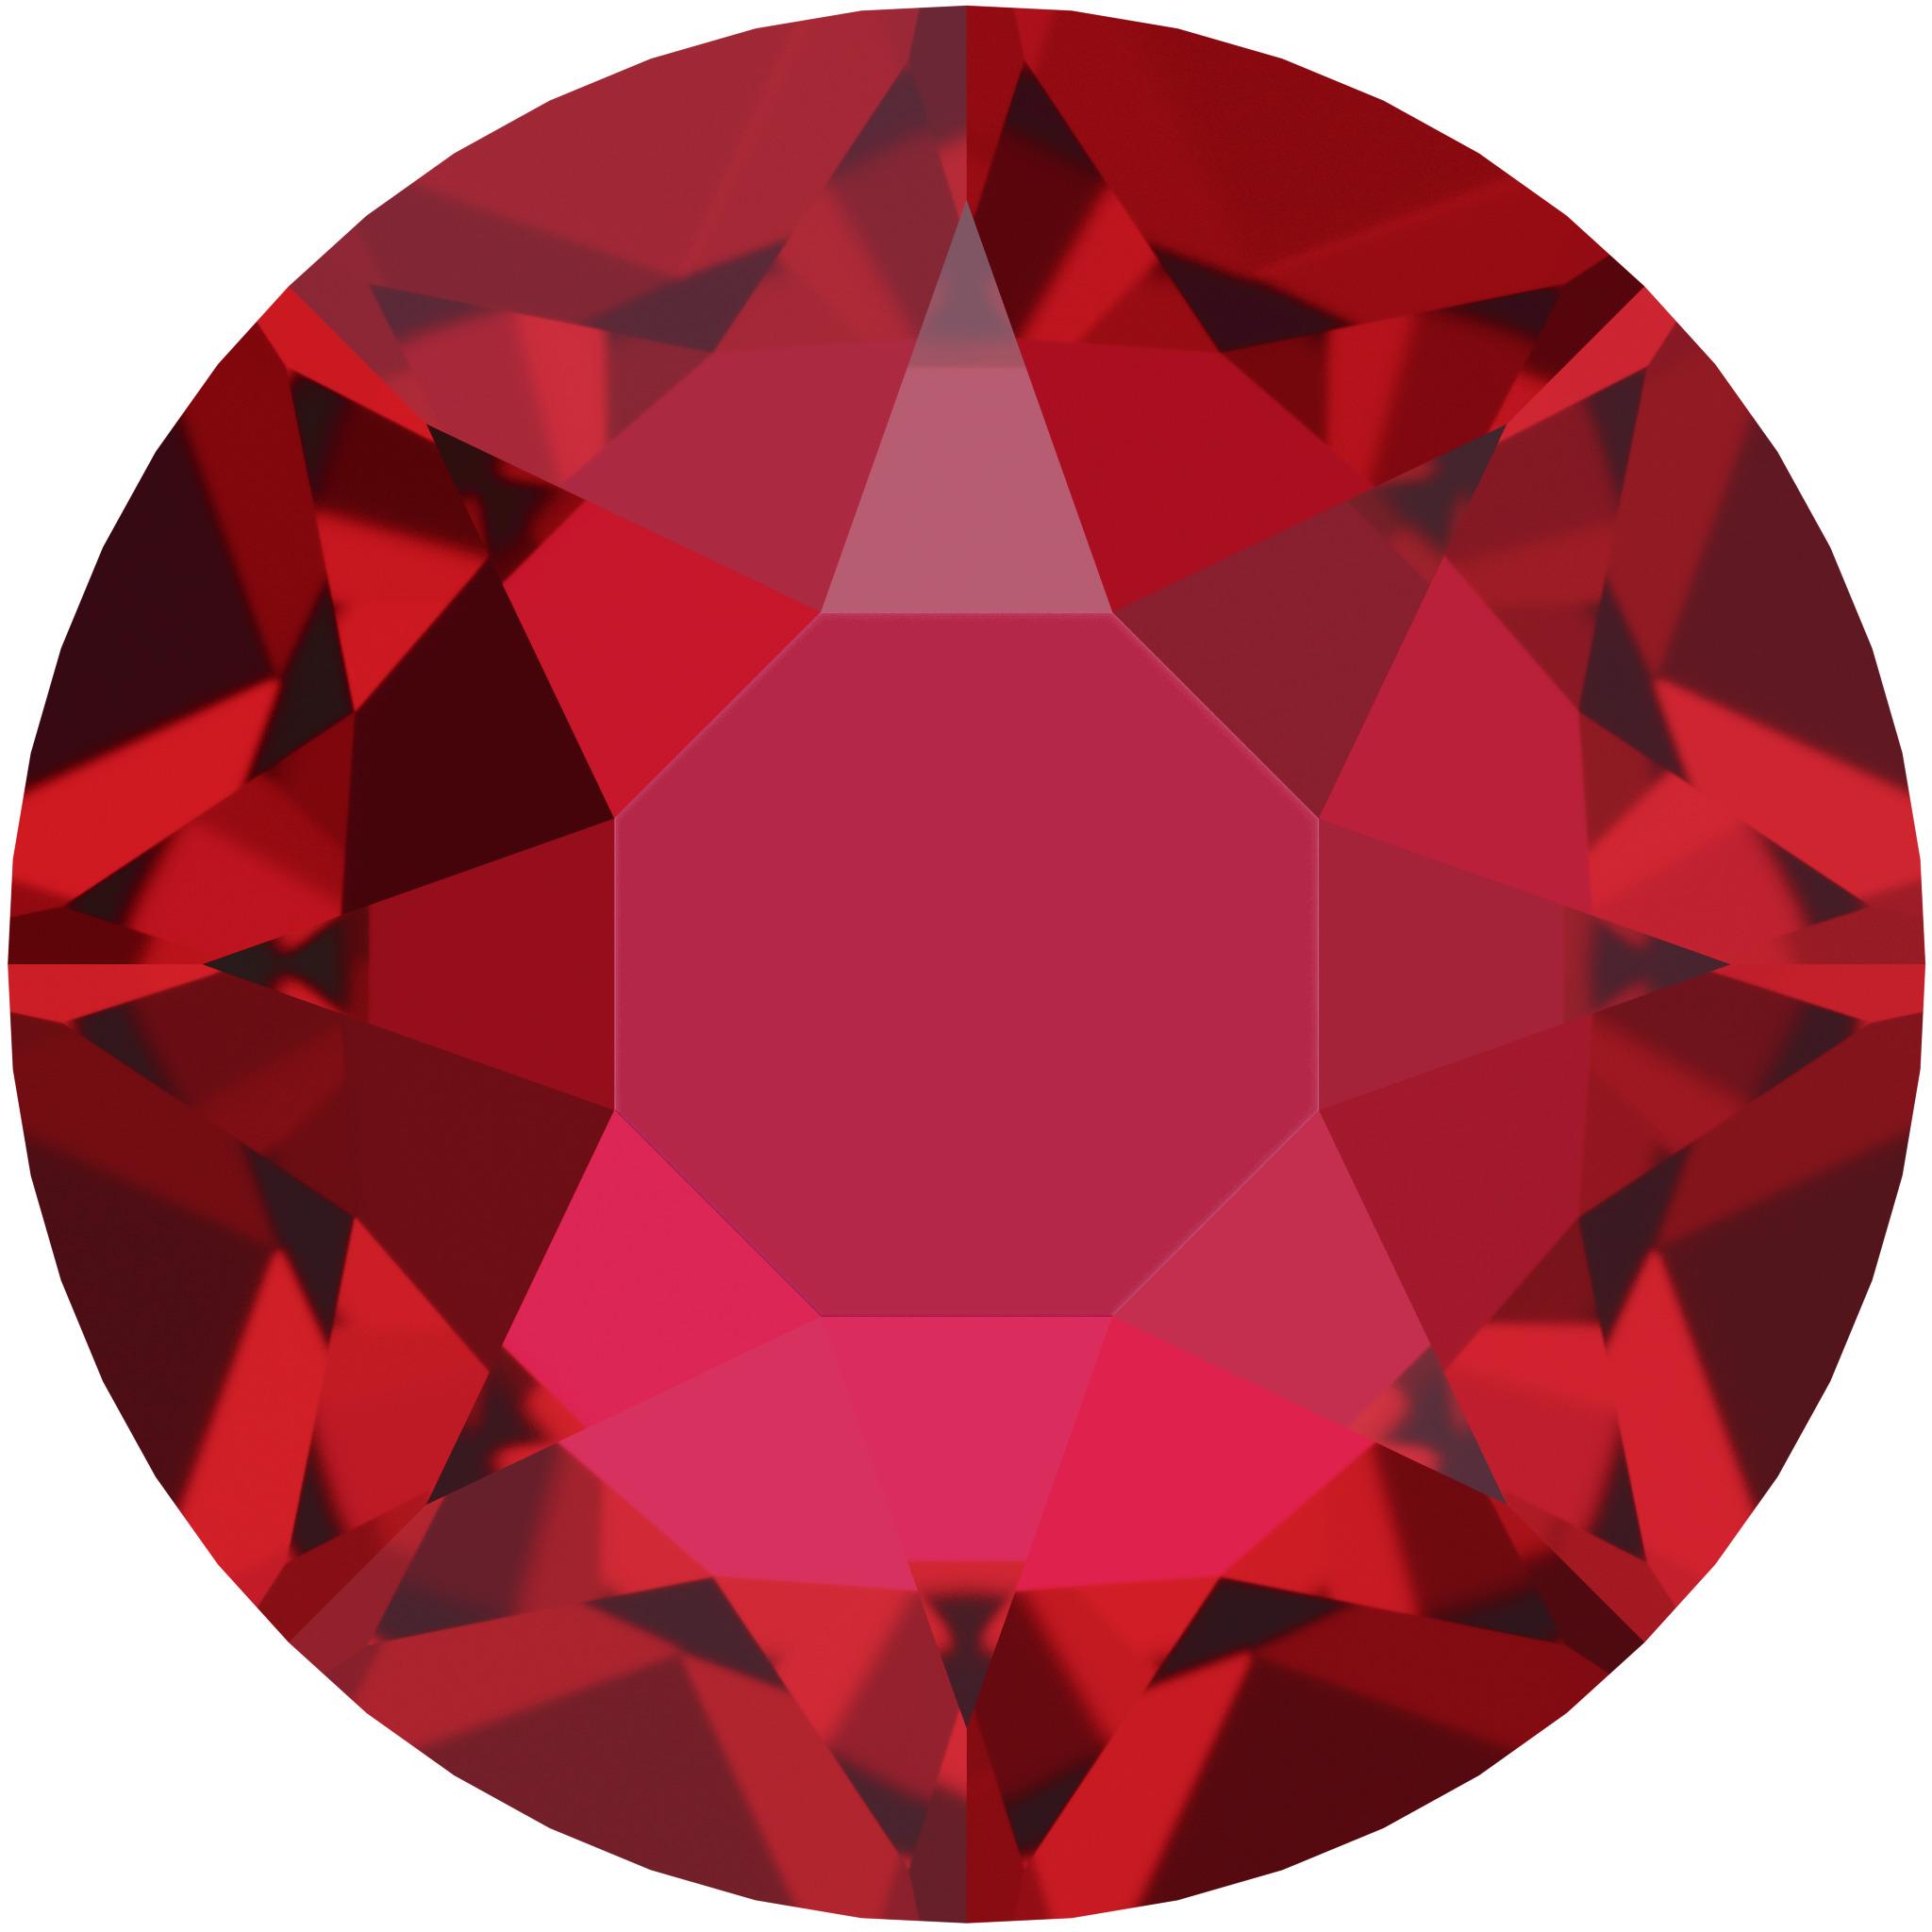 strasssteine-no-hotfix-von-swarovski-elements-ss-7-2-2mm-scarlet-1440-stuck-10-gross-